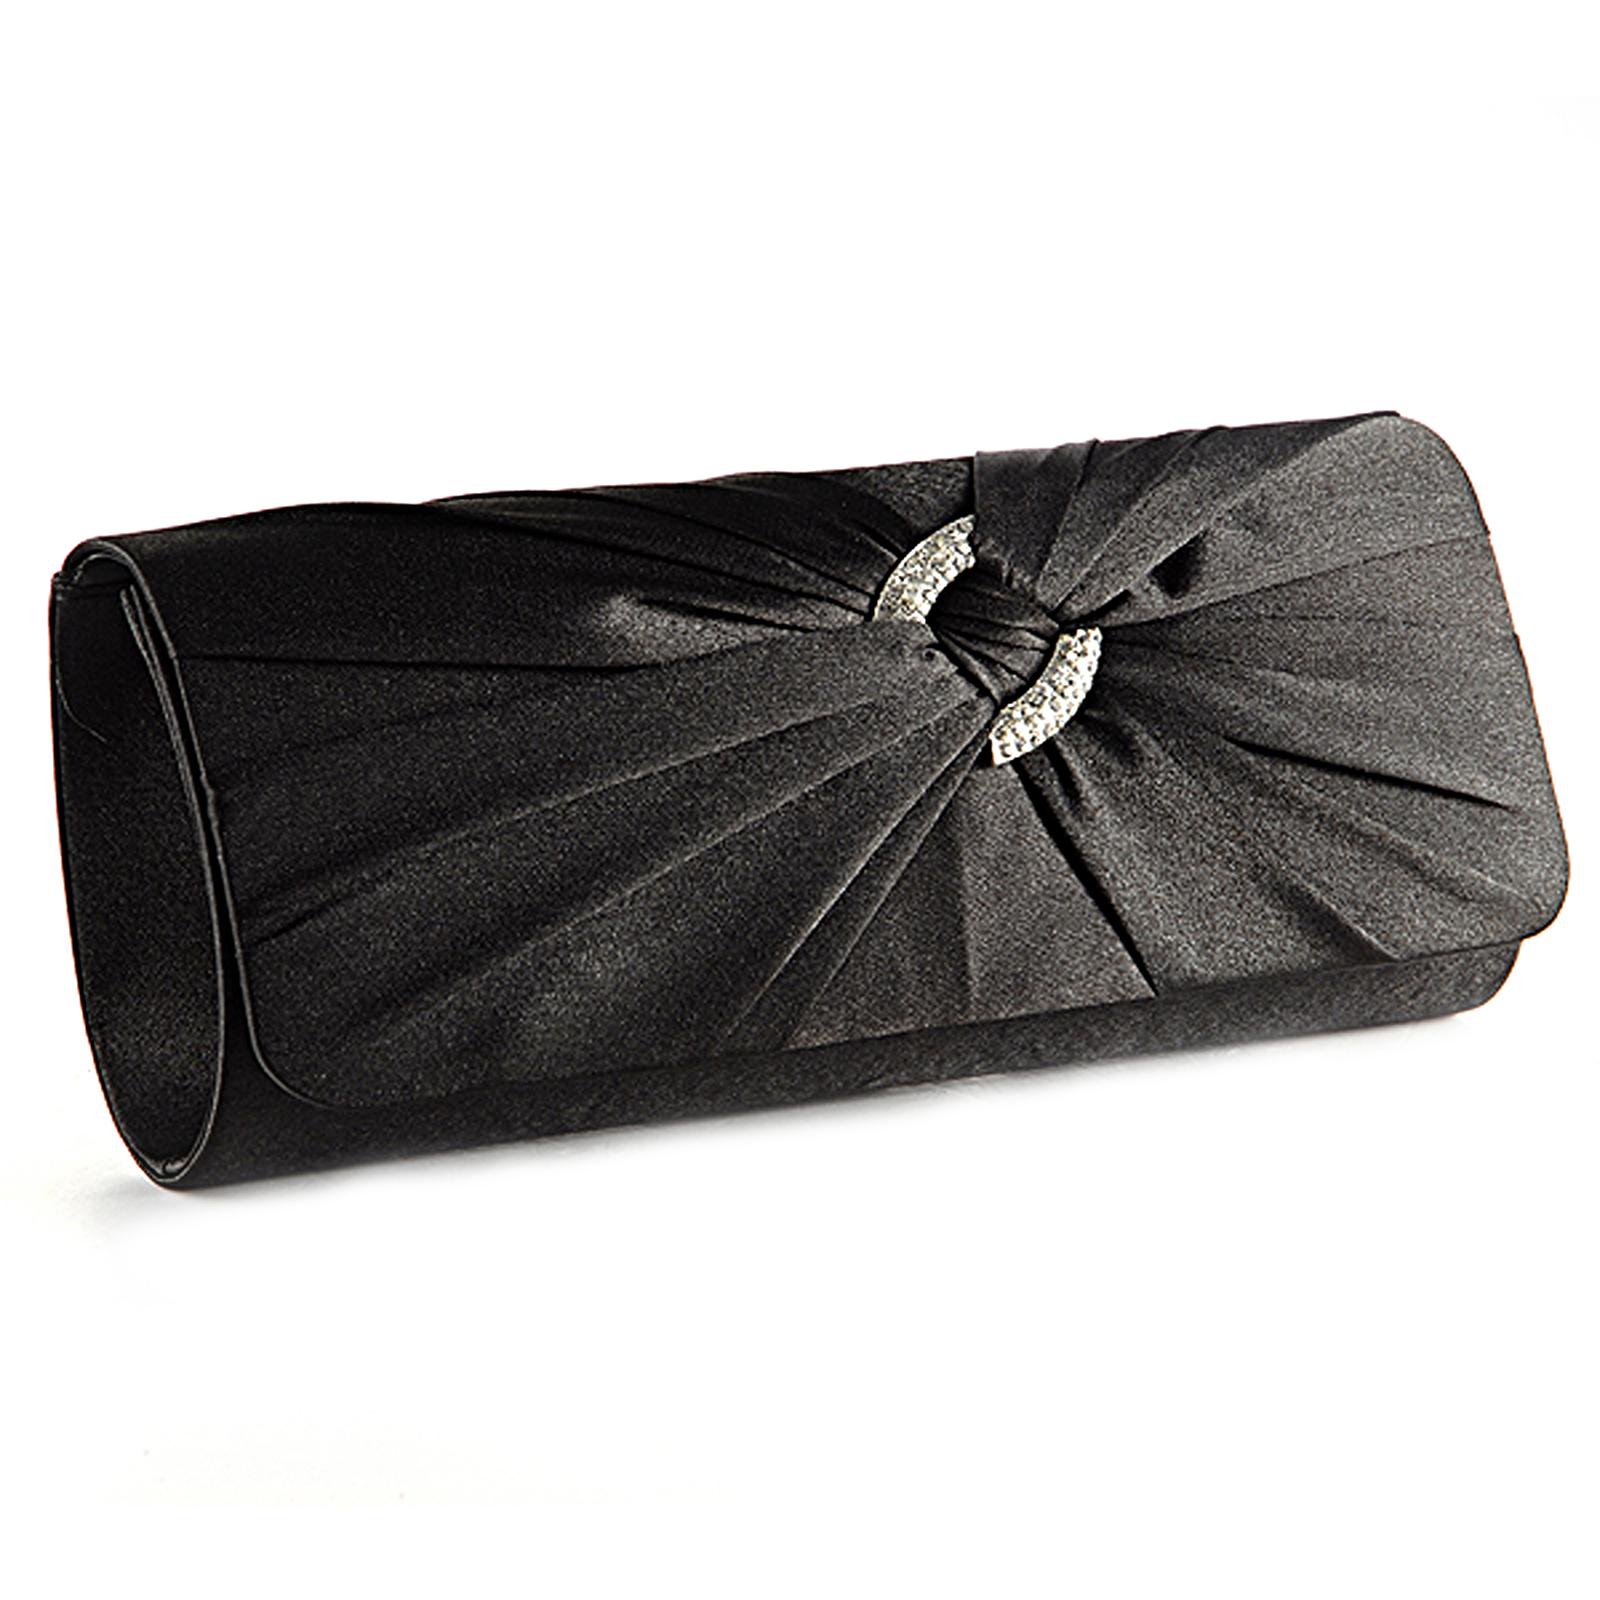 Abendtasche-Clutch-Bag-Satin-Tasche-Handtasche-Brauttasche-Strasse-fuer-Hochzeit